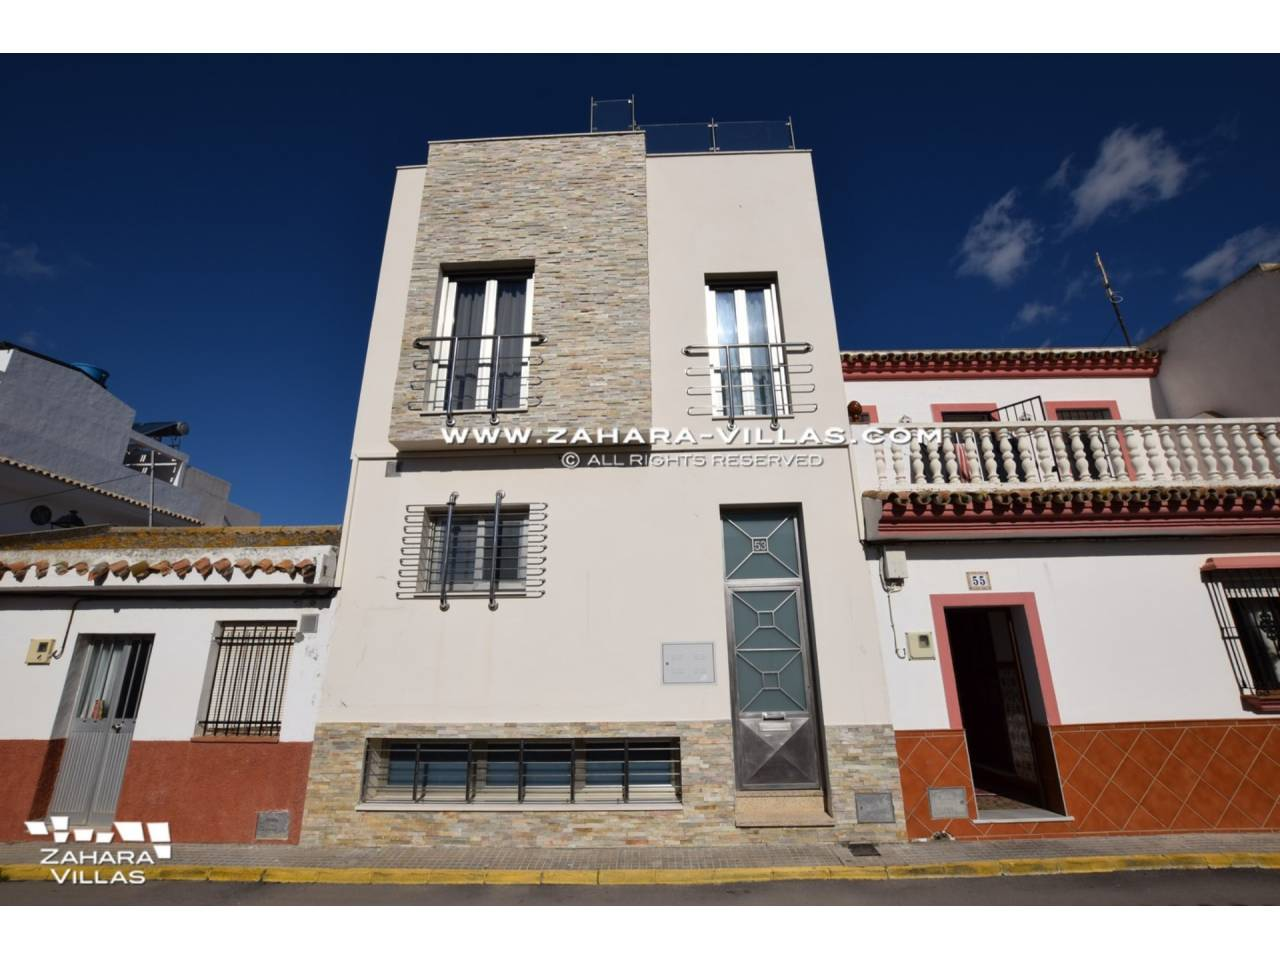 Imagen 2 de House for sale in Zahara de los Atunes